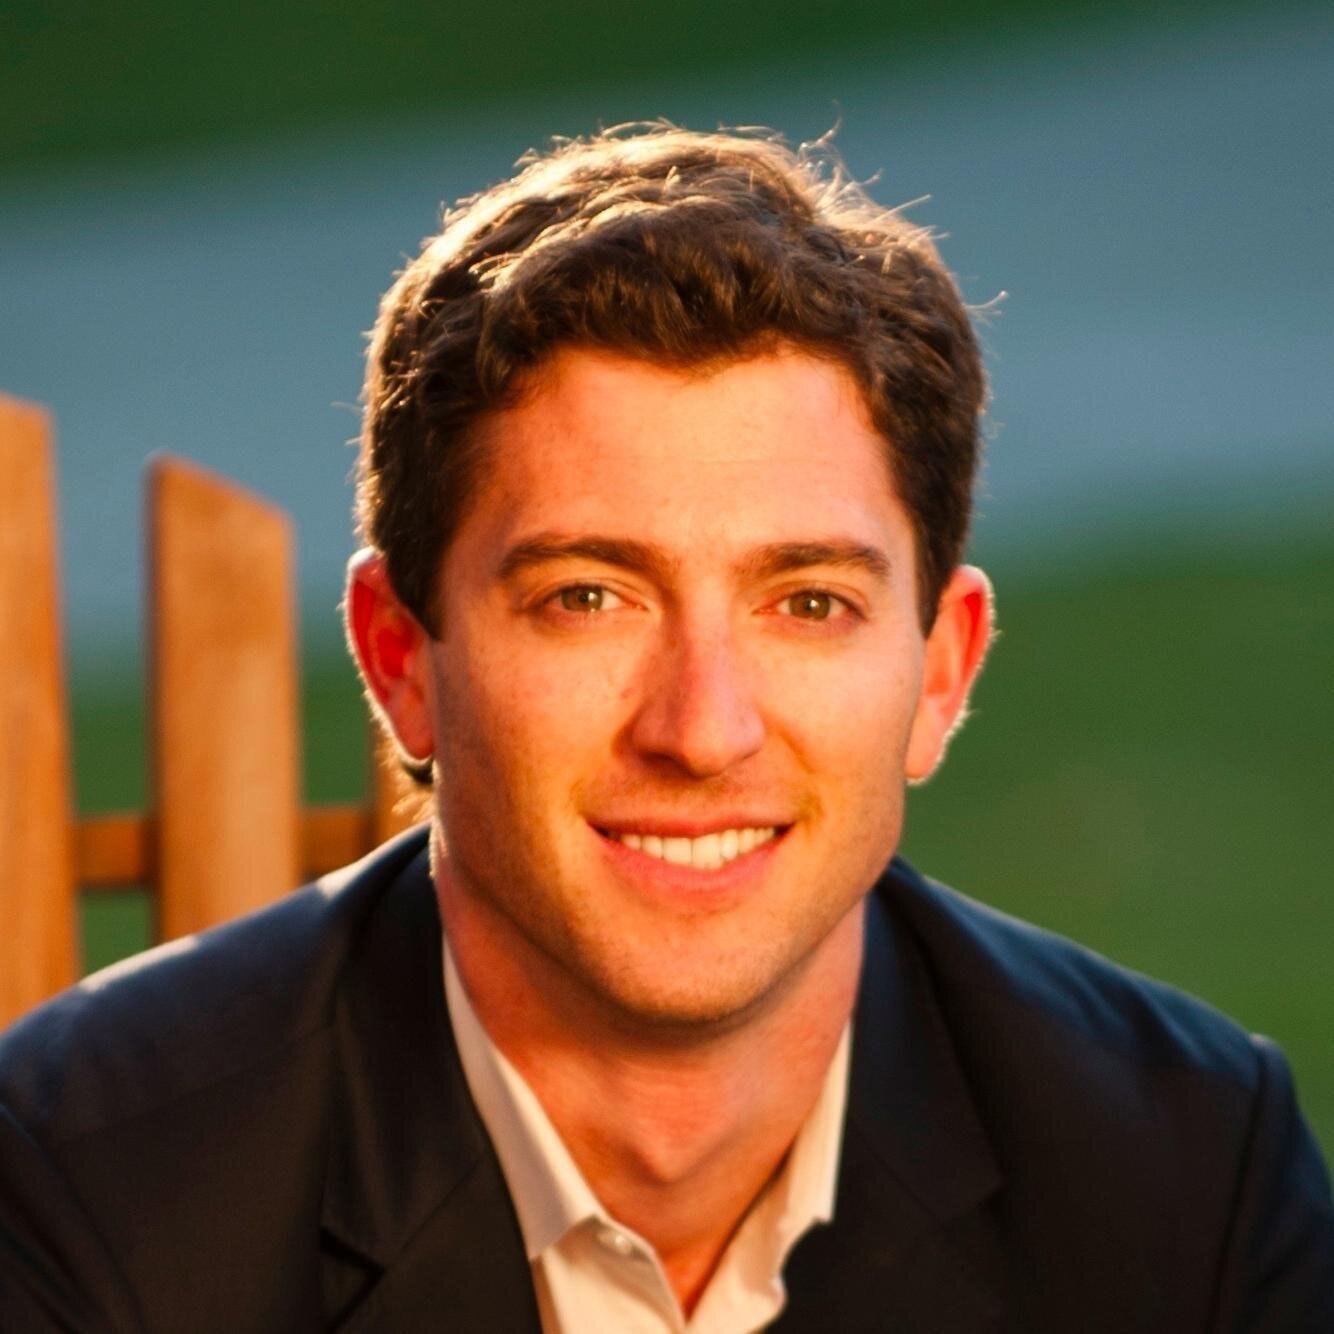 Jake Saper